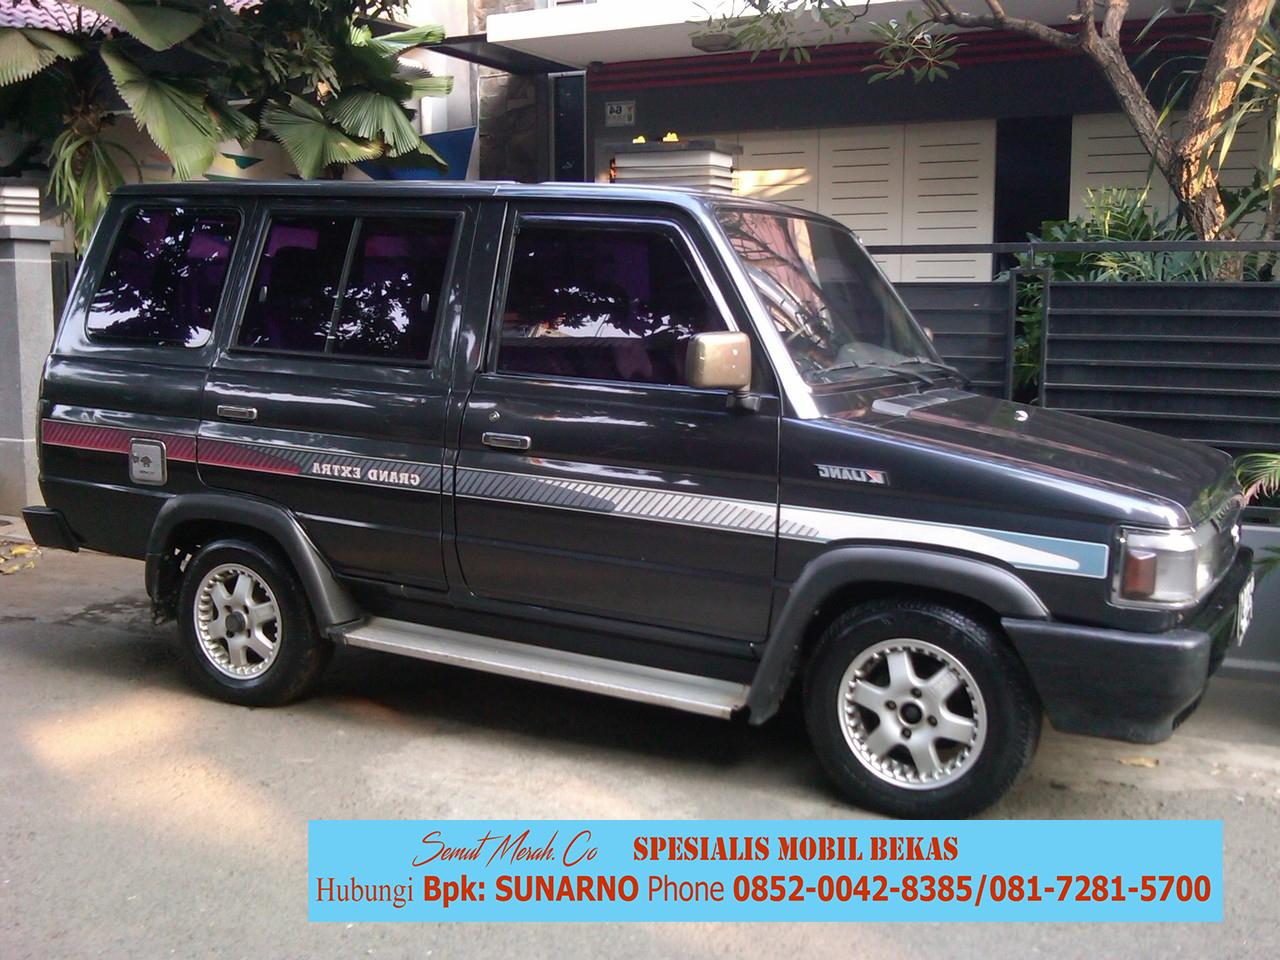 phone 081-7281-5700 (xl), bursa mobil bekas kebumen, bursa mobil